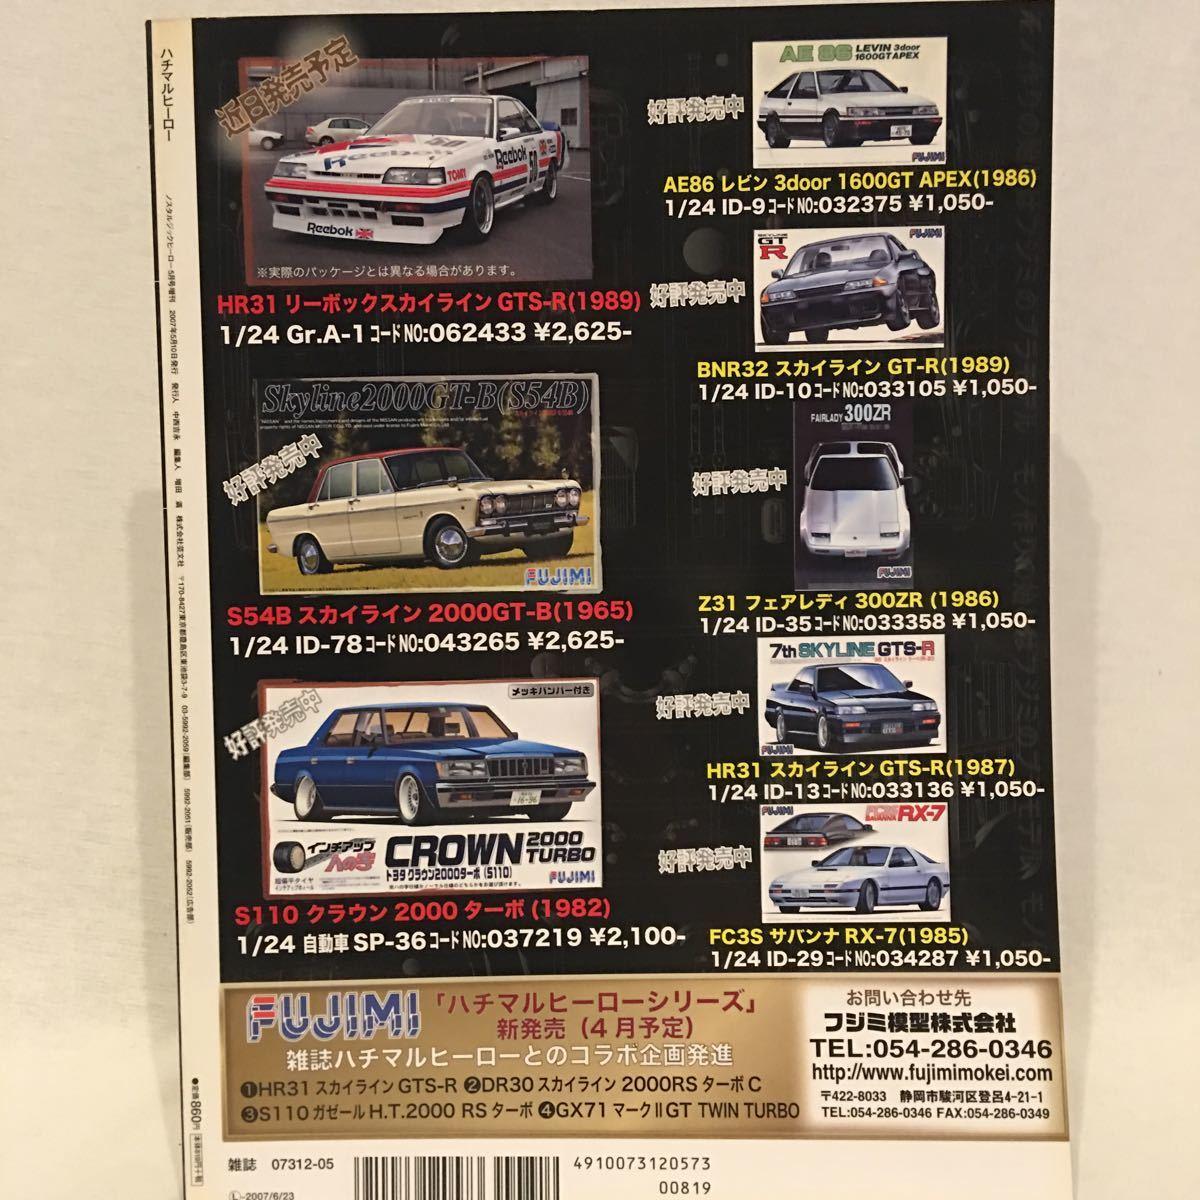 ハチマルヒーロー #5 サバンナ RX-7 SA22C 表紙号 TOYOTA クレスタ GX71 MAZDA 日産 スカイライン R31 AE86 20 ソアラ 旧車 本_画像2